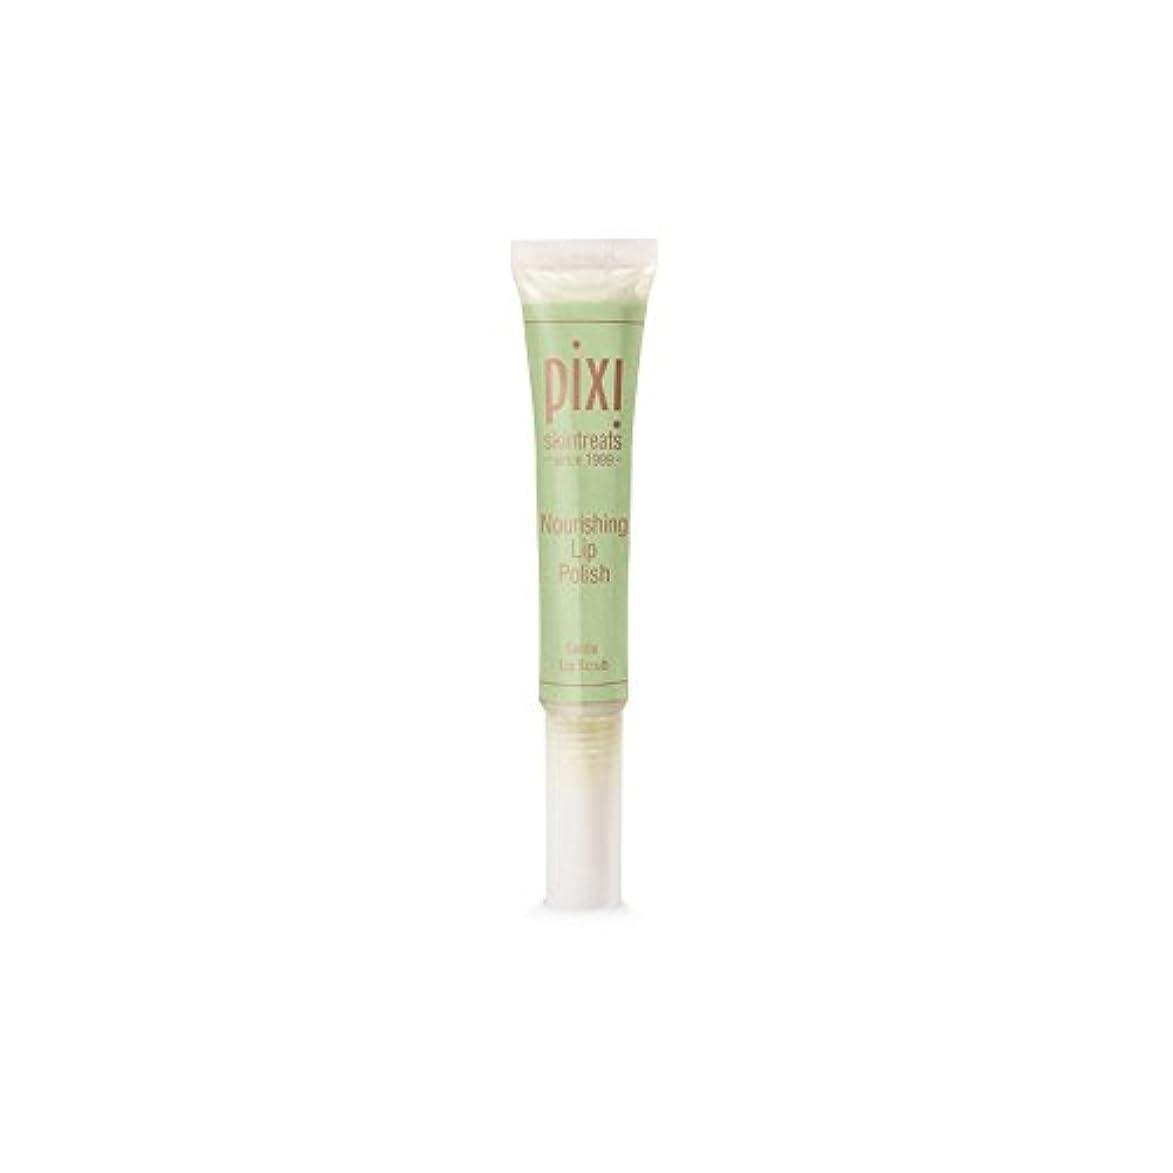 栄養リップポリッシュ x4 - Pixi Nourishing Lip Polish (Pack of 4) [並行輸入品]